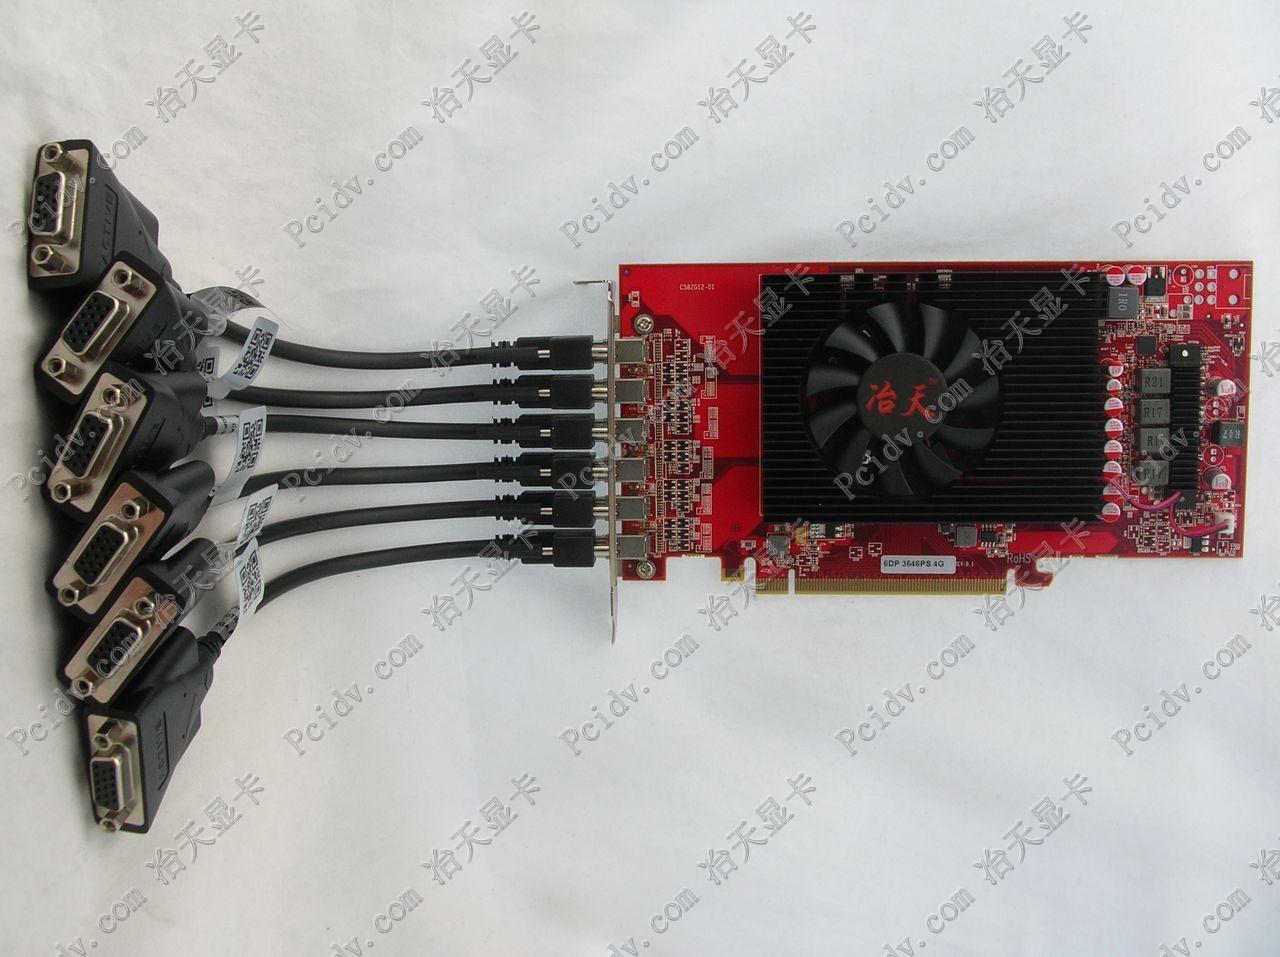 冶天6DP 3646PS 6屏4G显卡带6个VGA支持同时输出6路不同内容画面